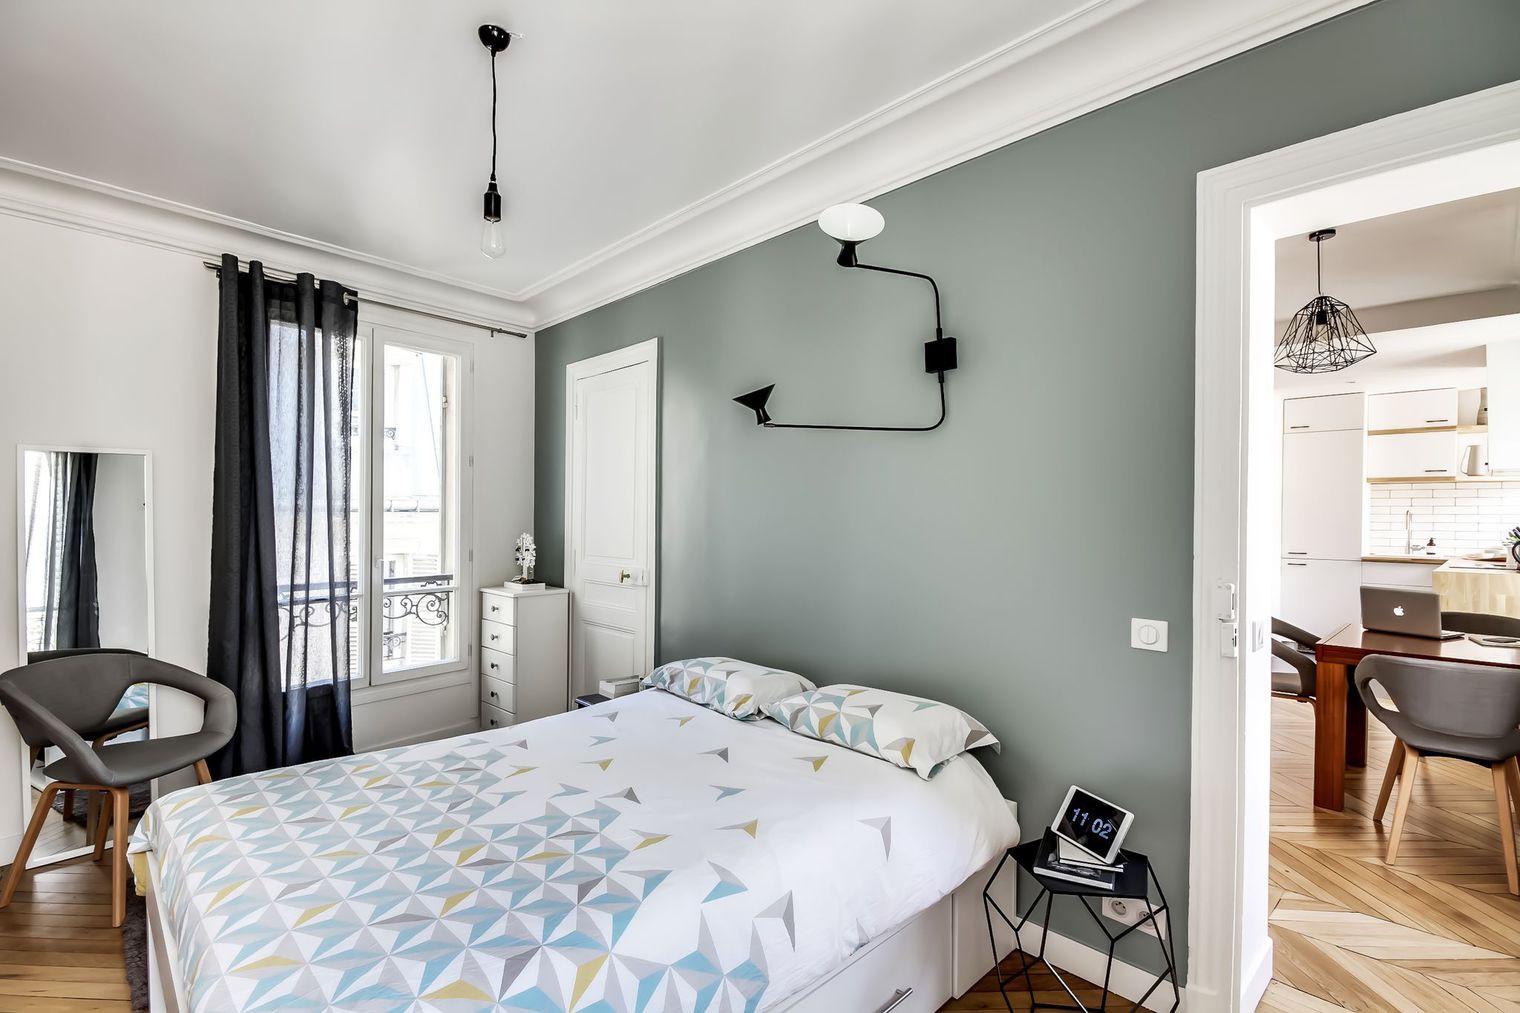 Sau cải tạo, căn hộ 38m² đẹp hoàn hảo mọi góc nhìn   - Ảnh 10.